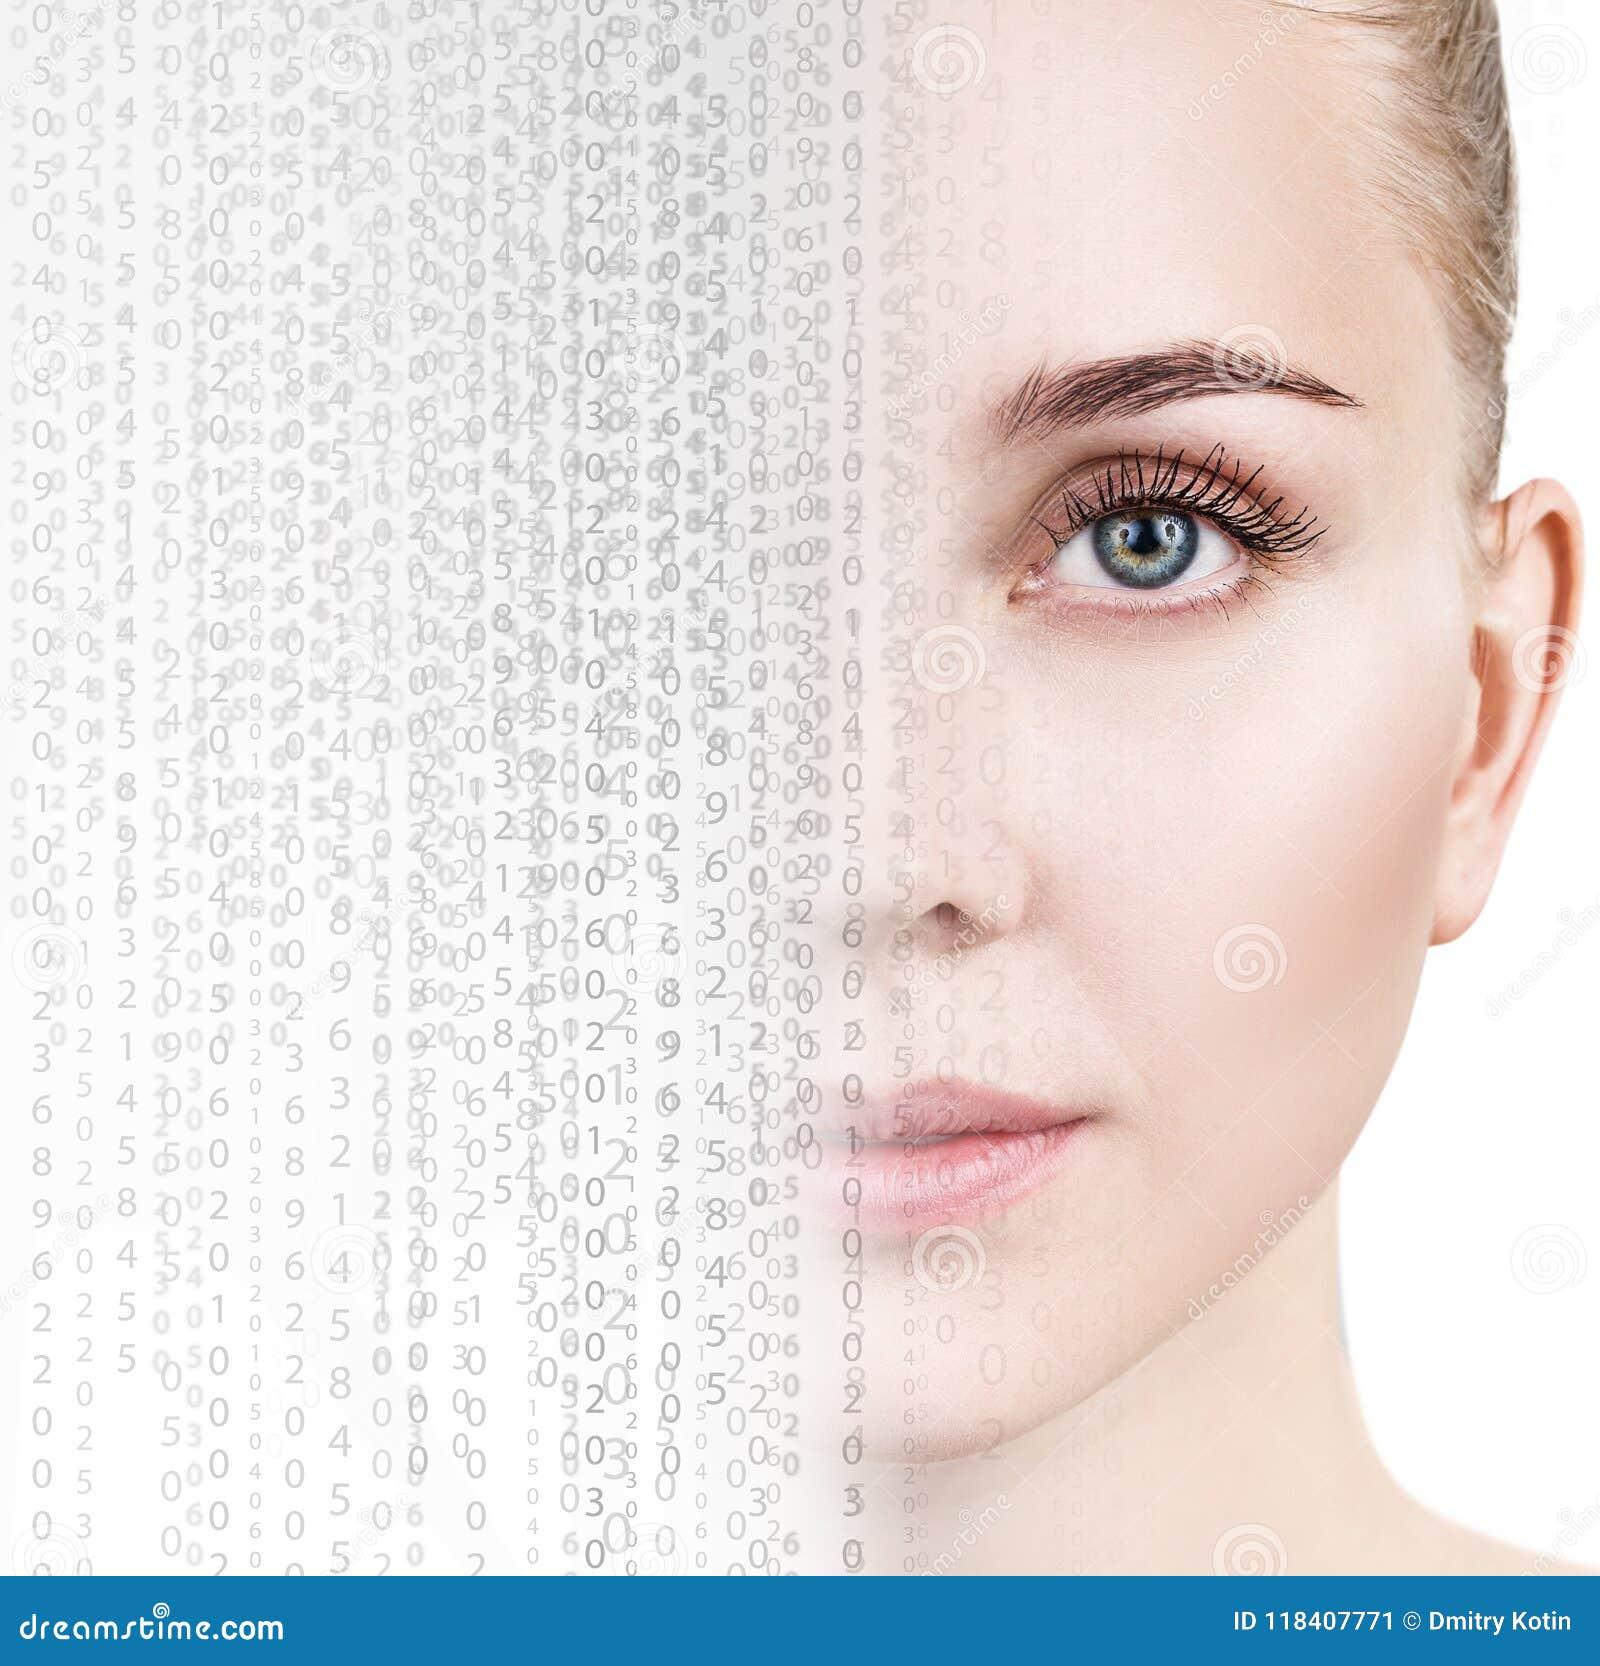 Piękna żeńska twarzy transformata w matrycowym kodzie